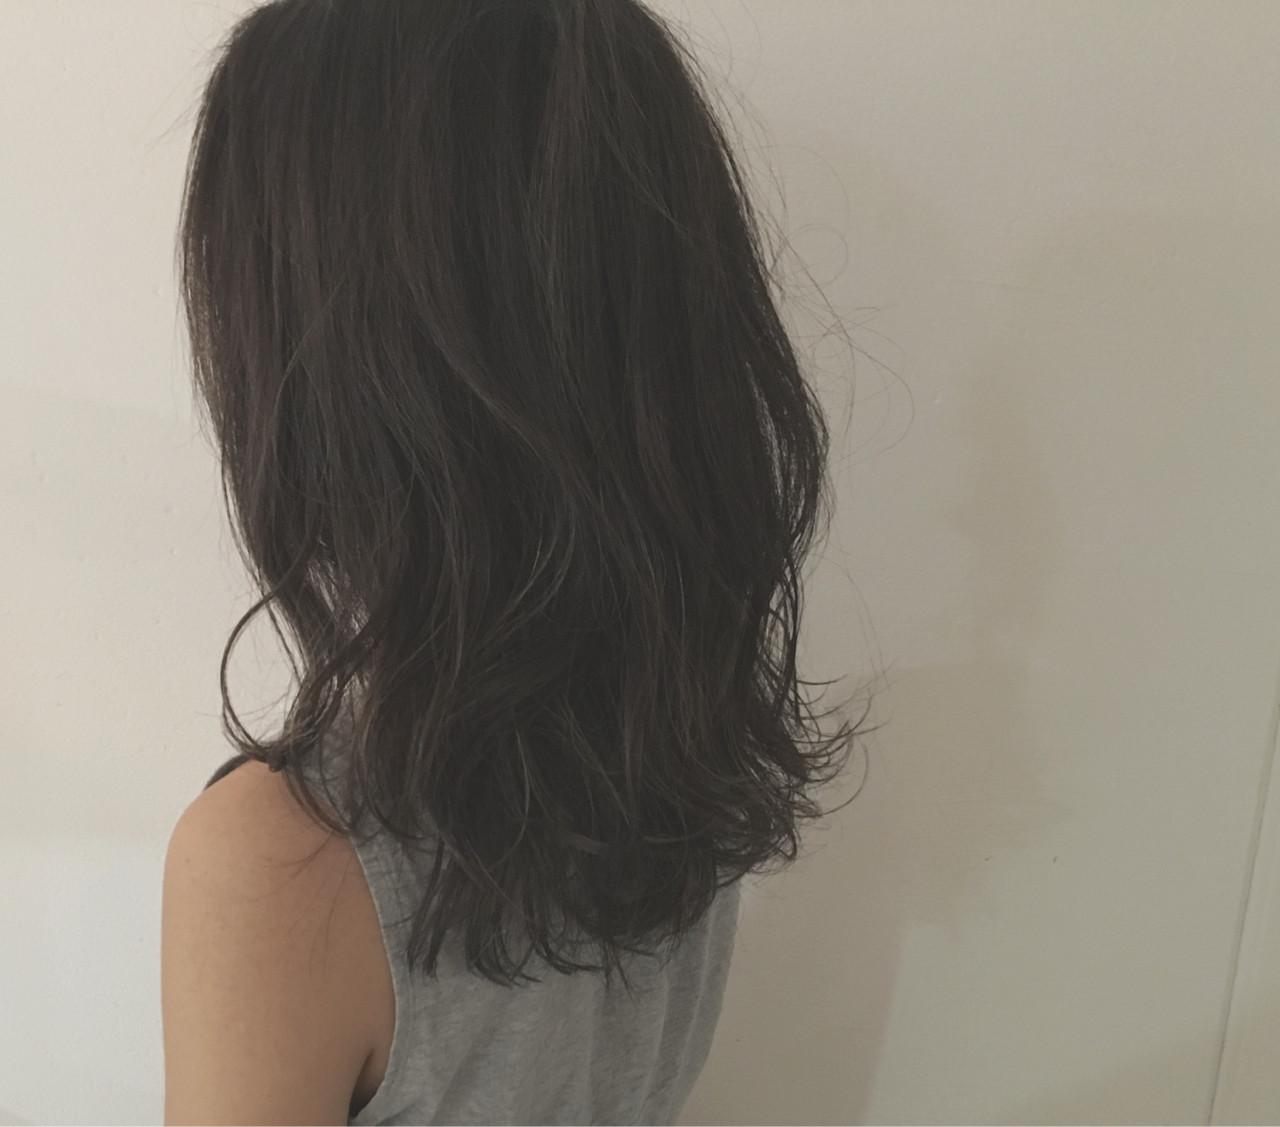 暗髪 グレージュ ストリート セミロング ヘアスタイルや髪型の写真・画像 | 杉谷 将也 / DiLL / DiLL